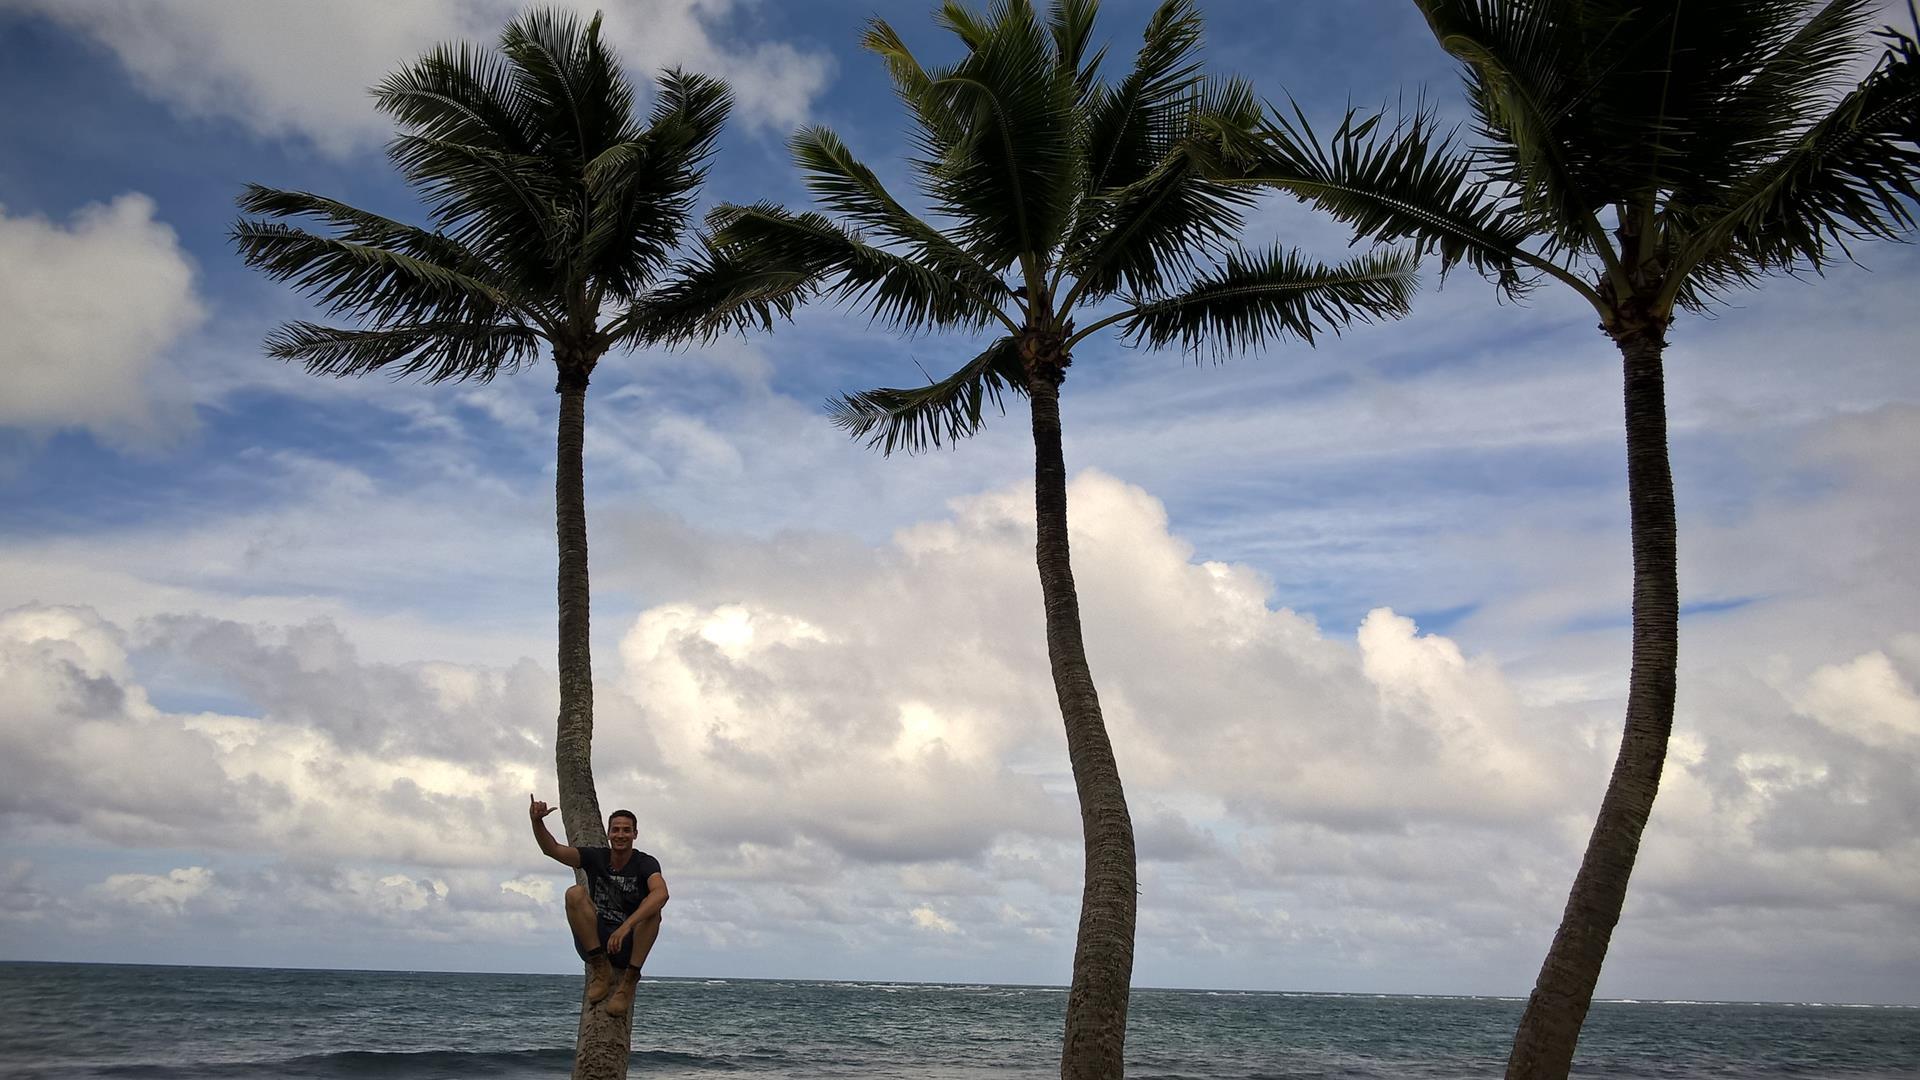 Ich hab keine drei Affen gefunden, aber dafür drei Palmen